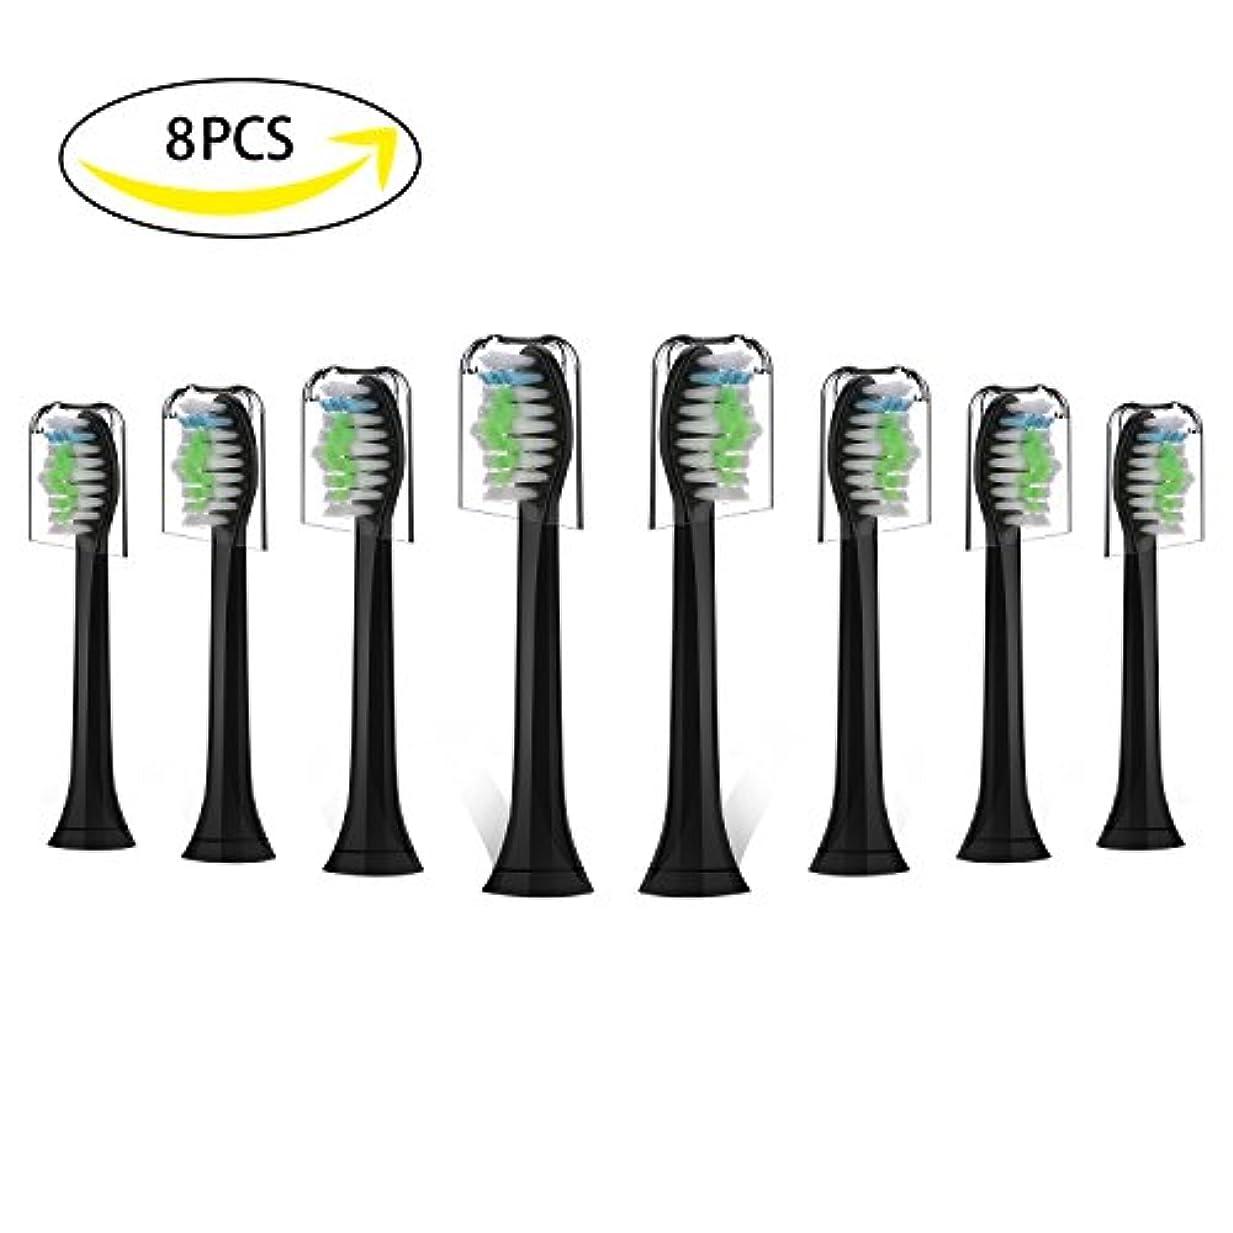 ジェム好意的どれかSonifresh 交換ヘッド歯ブラシ用ヘッドセットフィリップソニカ電気歯ブラシ - プラークコントロールガム 健康ダイヤモンド クリーンフレックス ケアイージークリーンとヘルシーホワイト 8パック 8パック